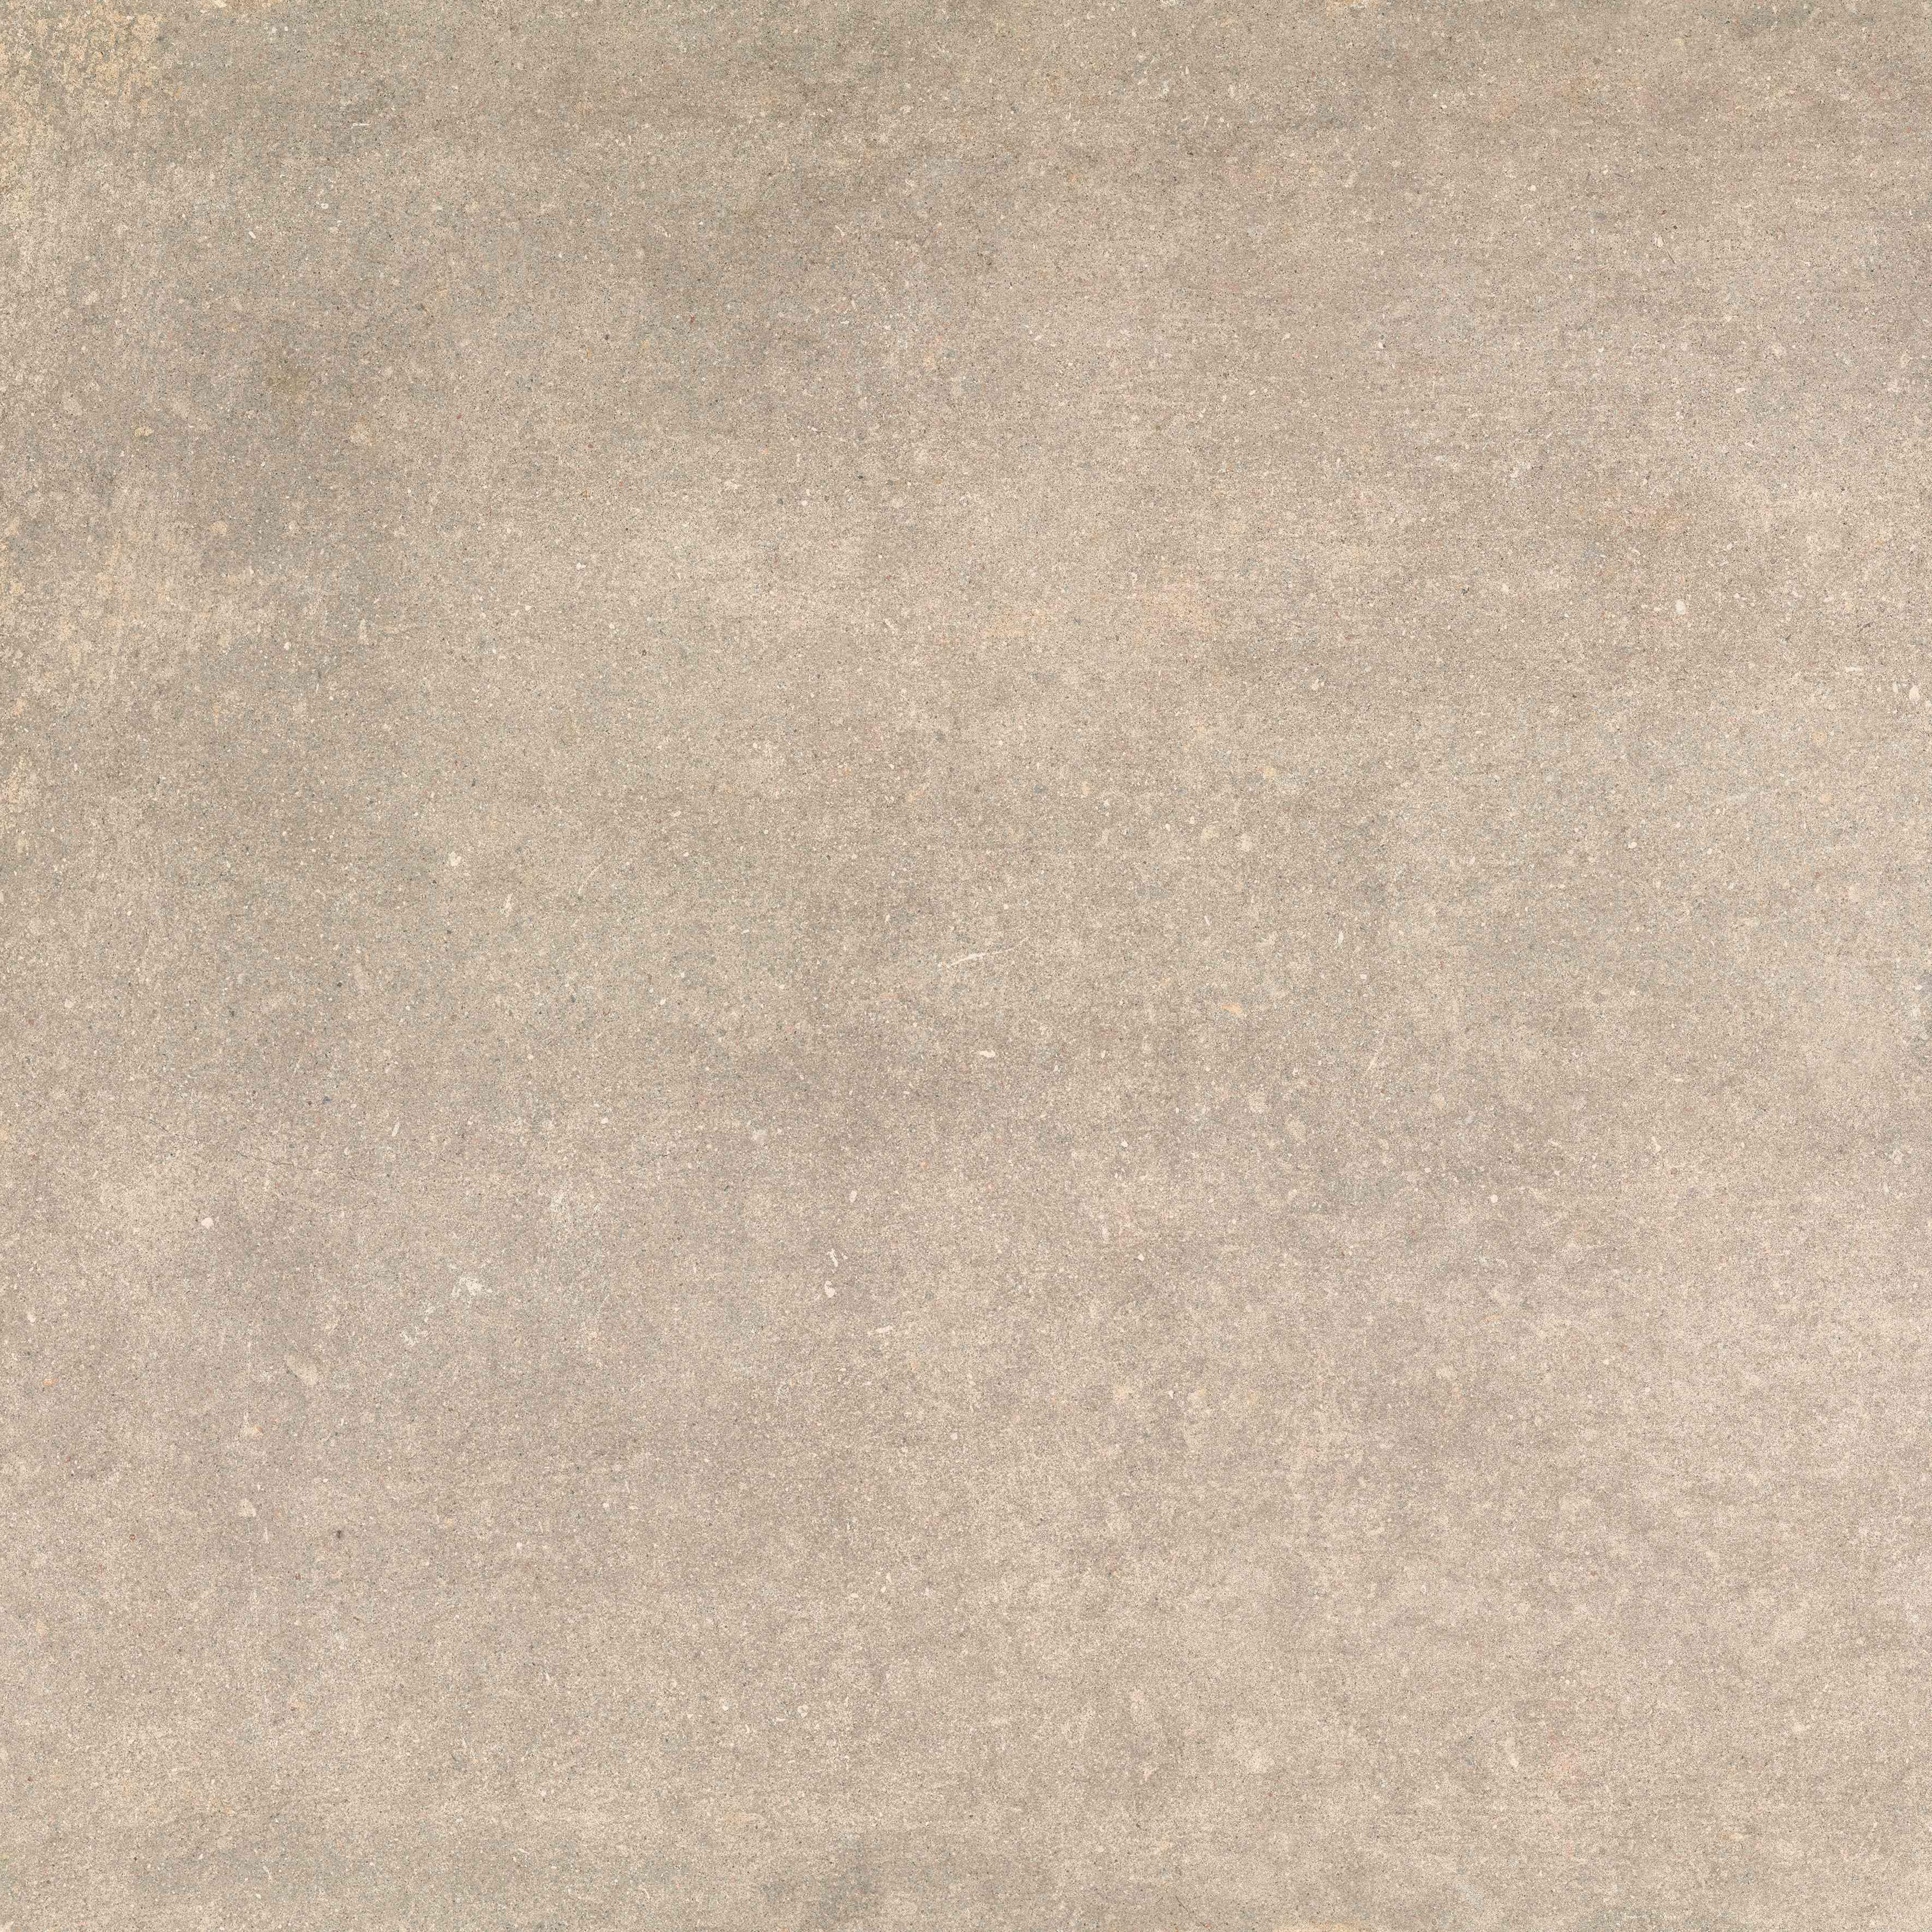 Плитка SABBIA (ZRXRM3R) изображение 6